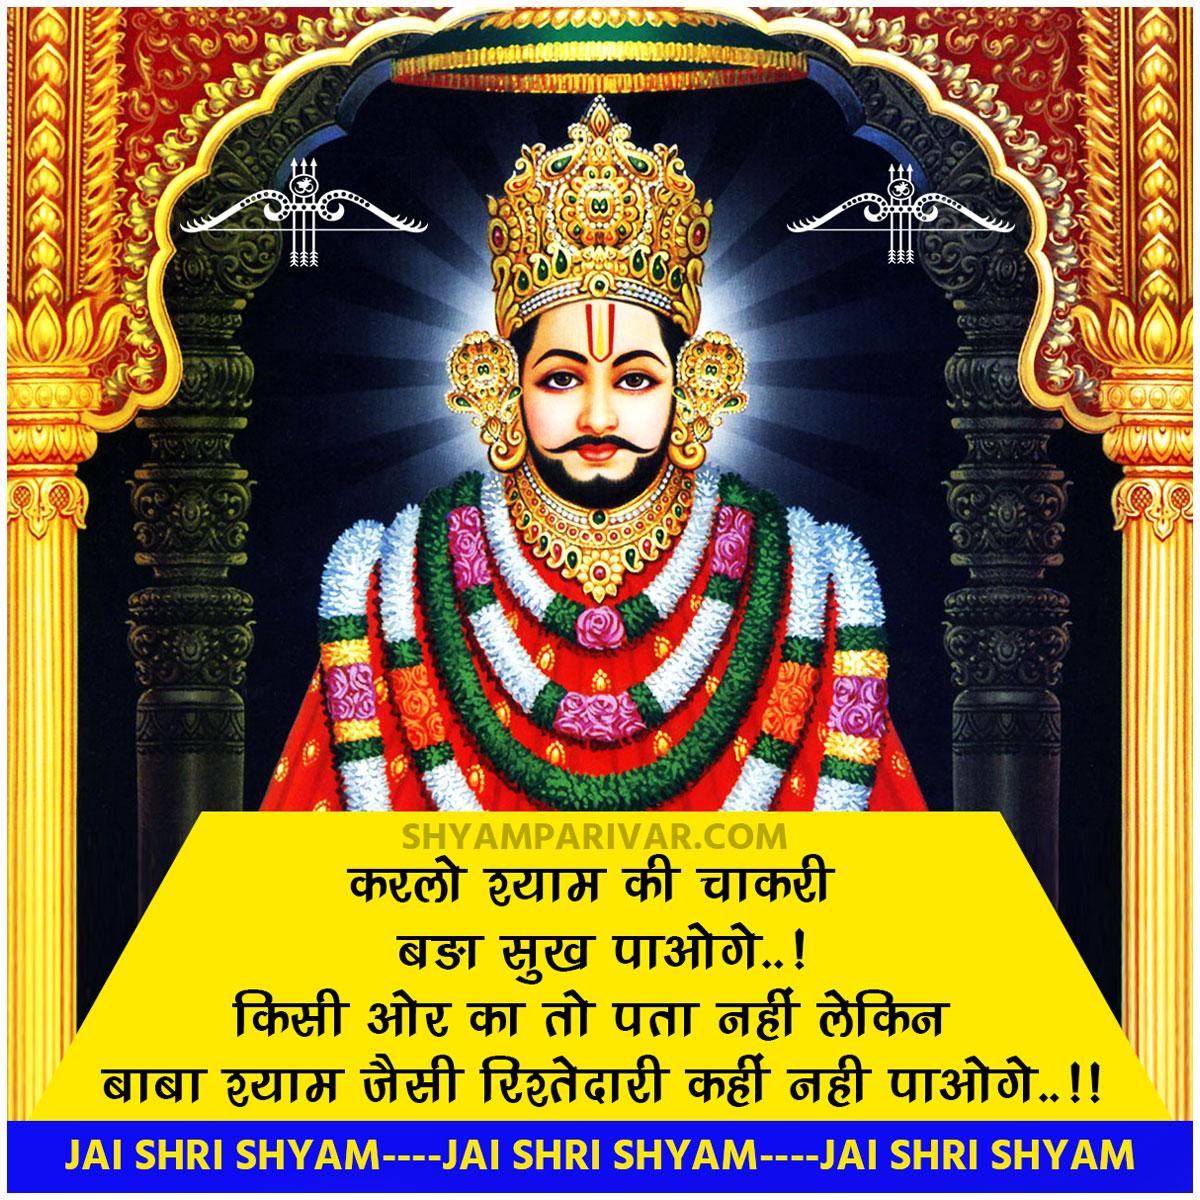 Khatu shyam ji photos and status